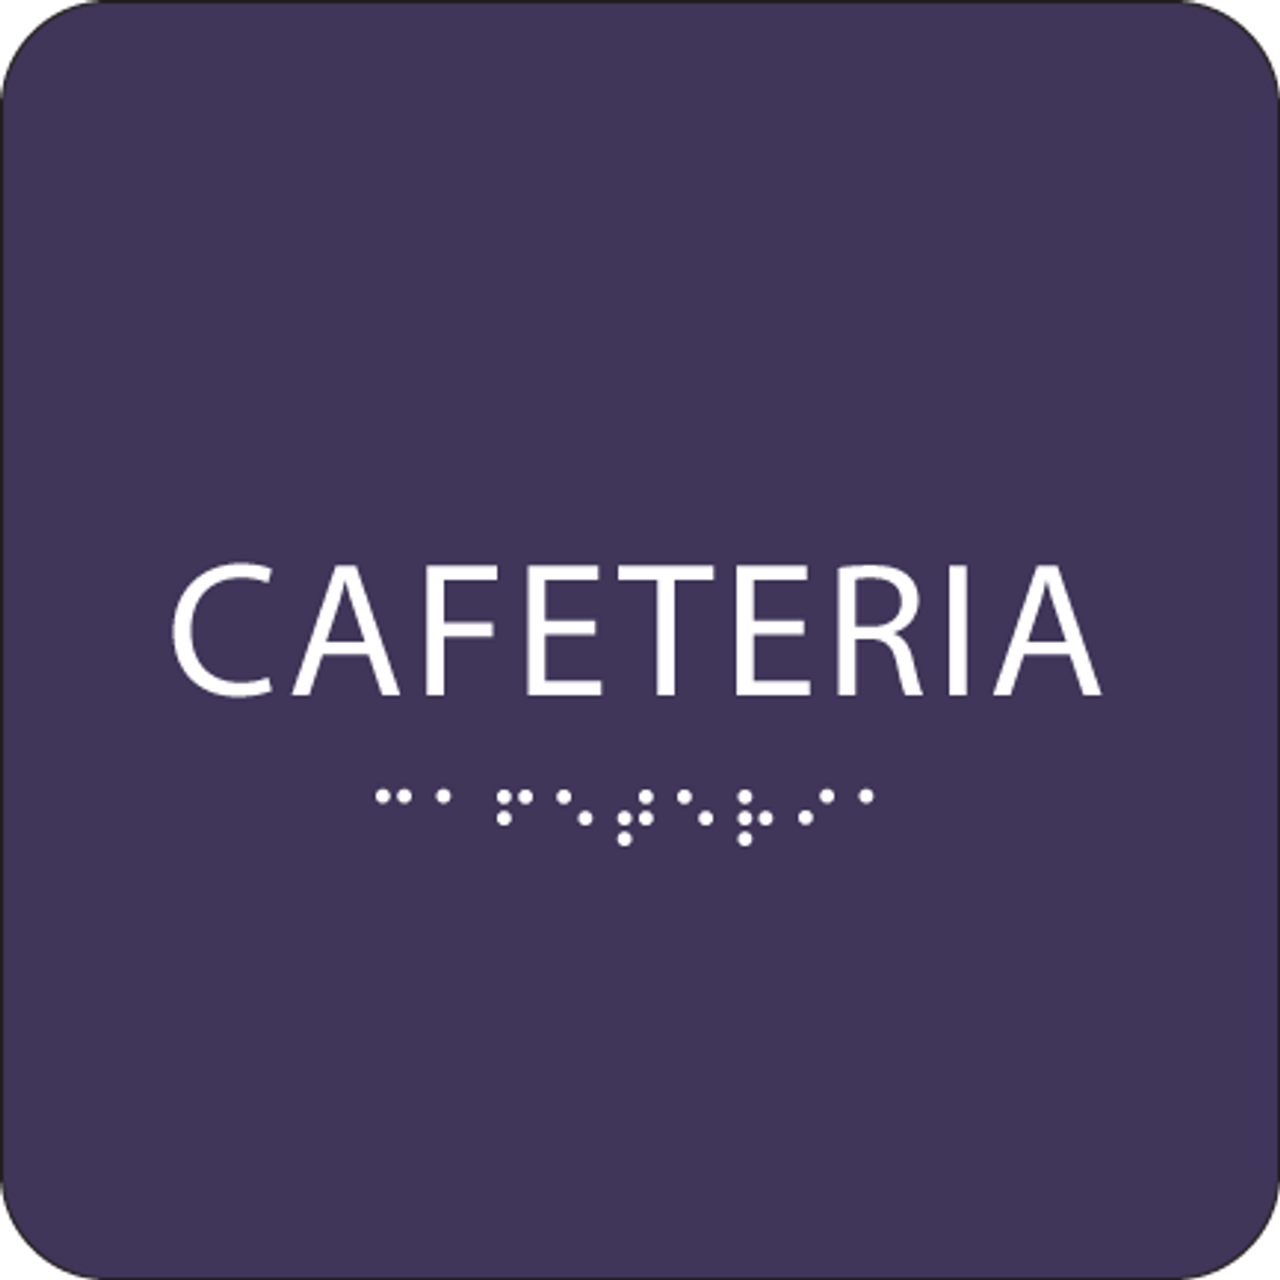 Purple Cafeteria ADA Sign